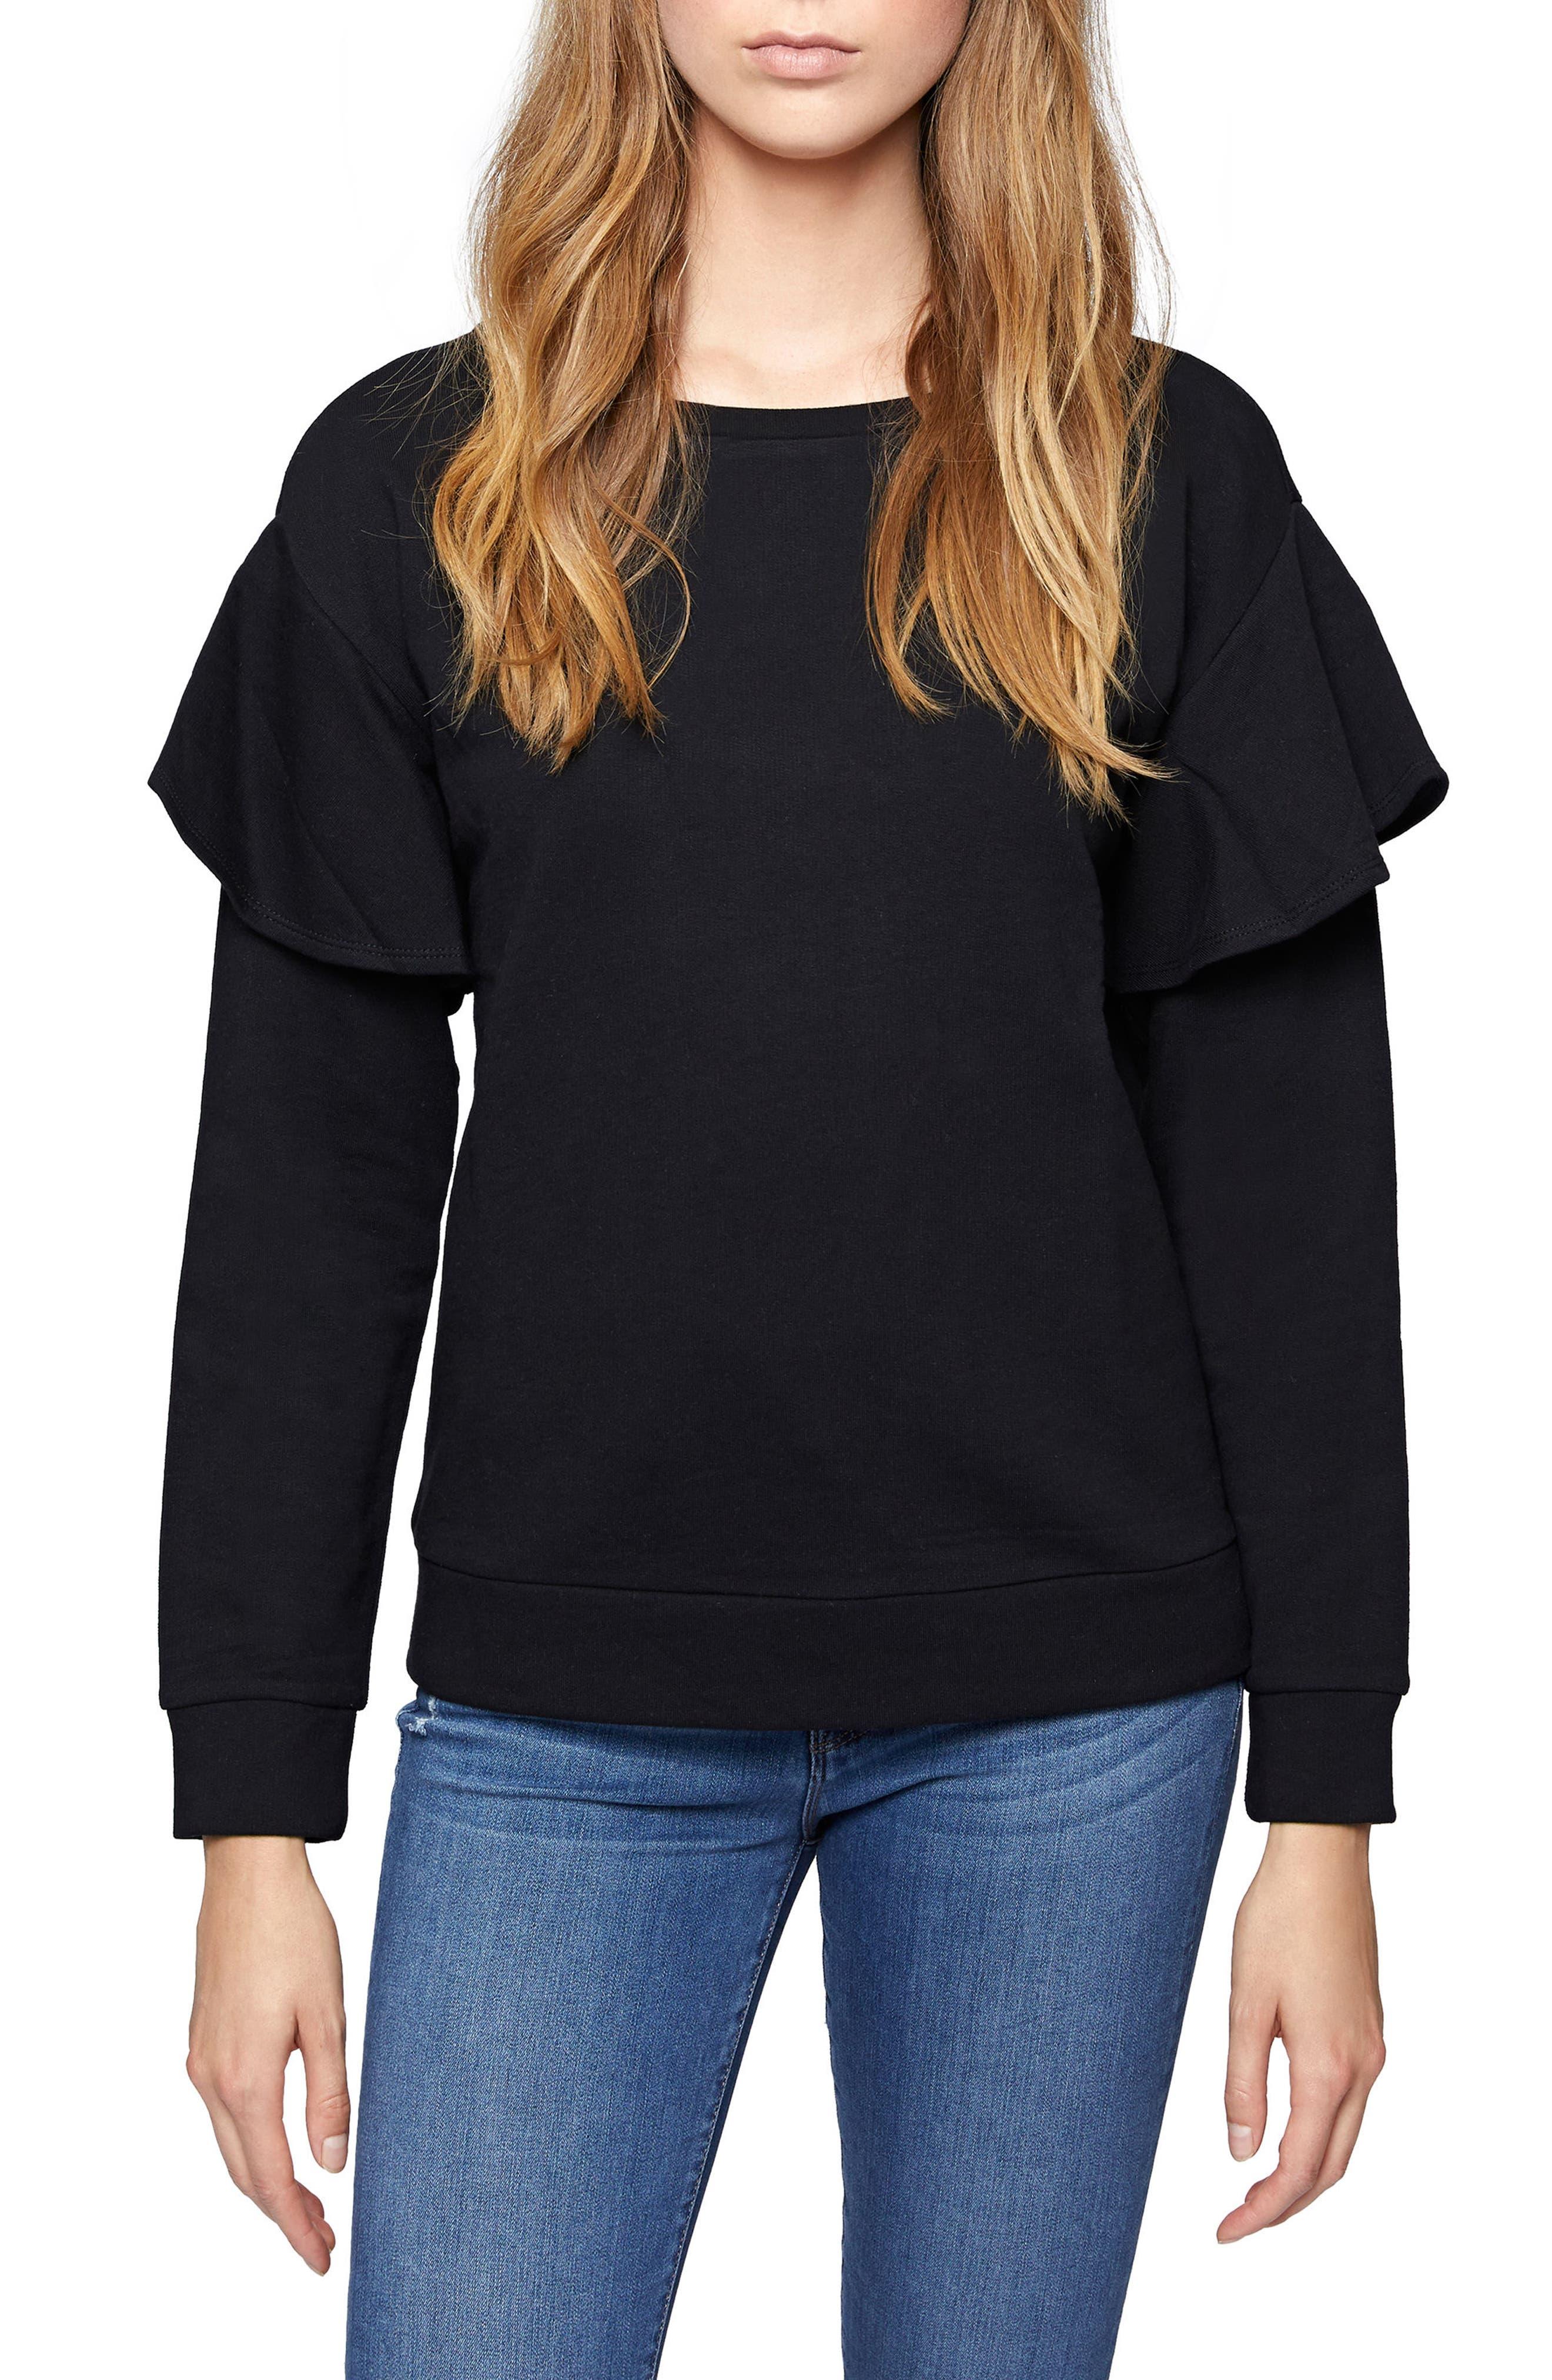 Dominique Sweatshirt,                             Main thumbnail 1, color,                             001